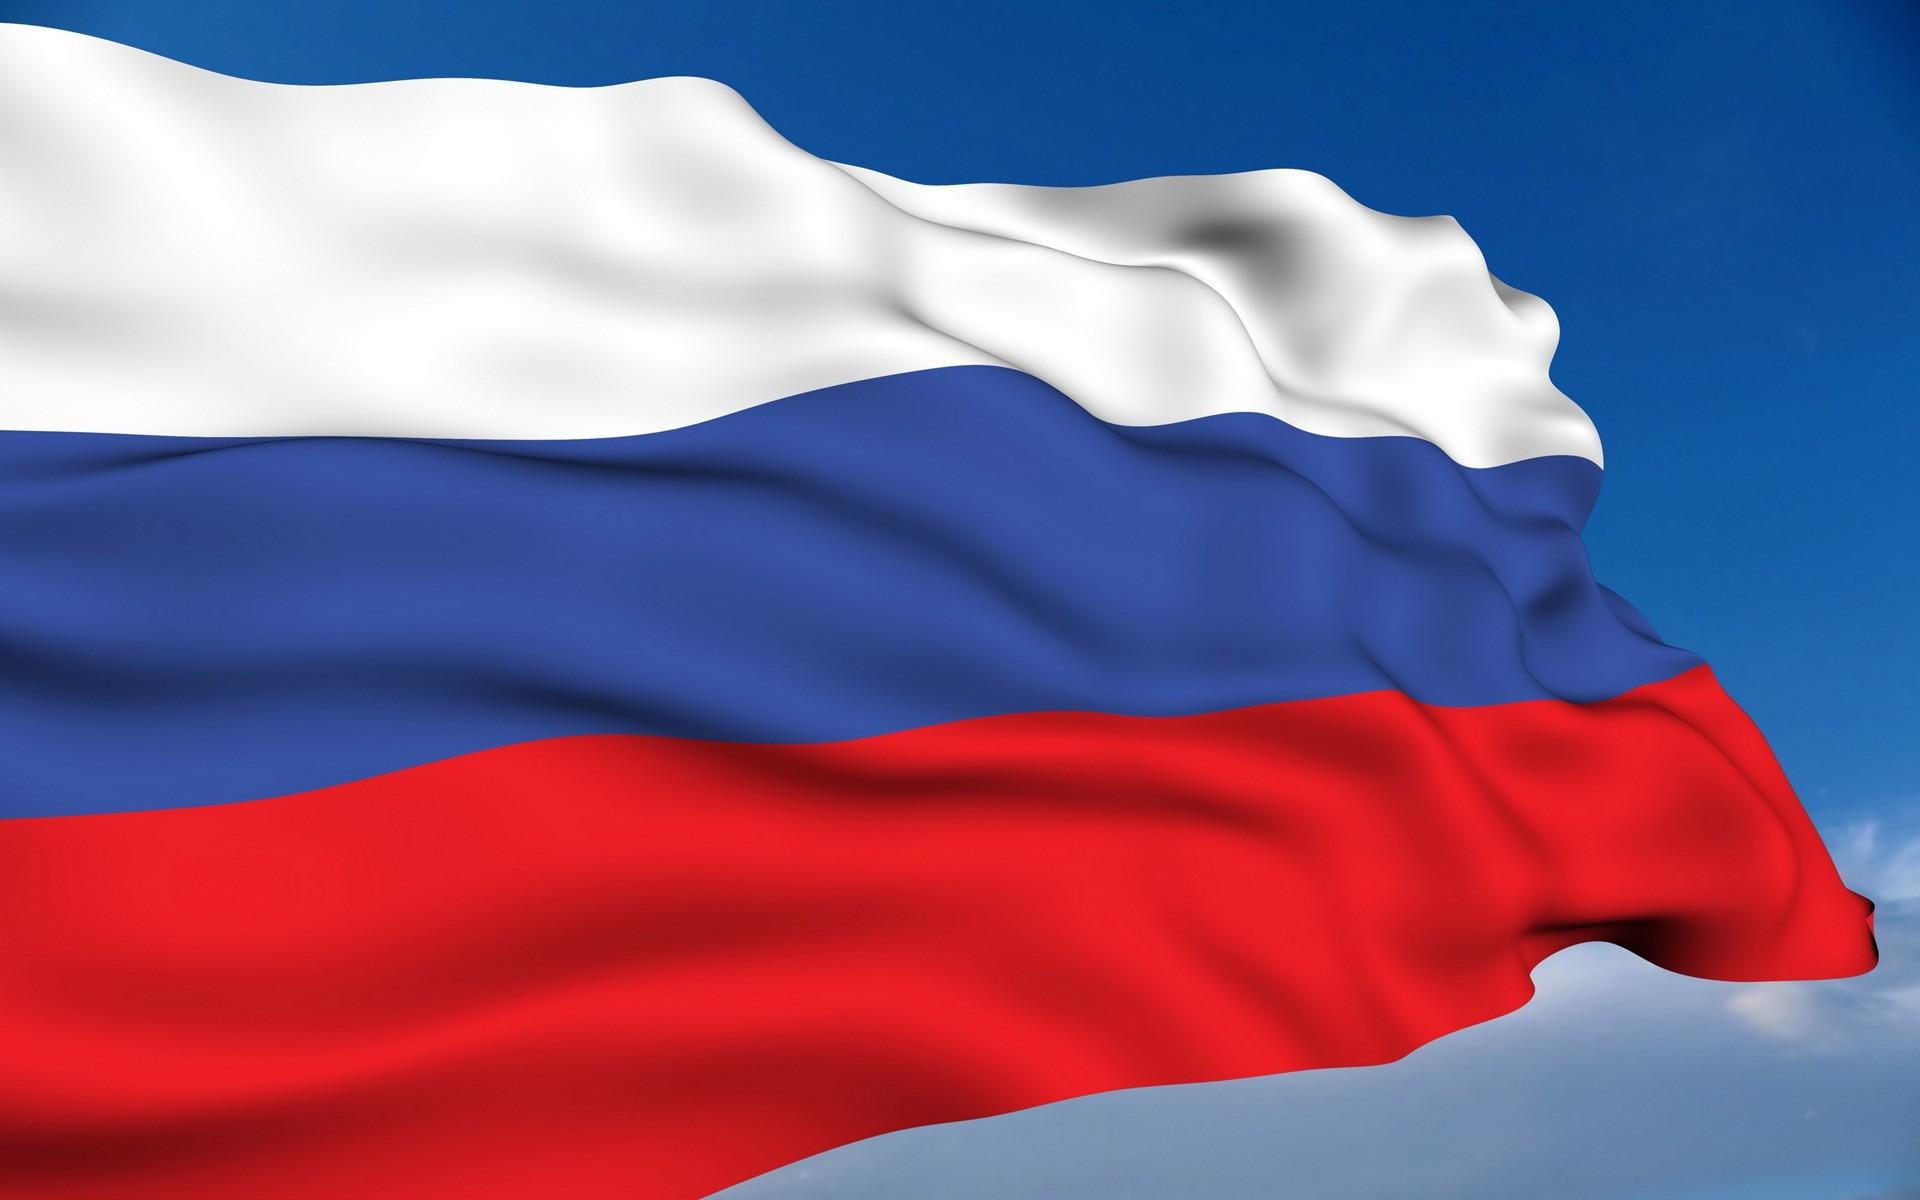 Эксперт назвал санкции против Пригожина попыткой США оттеснить Россию из Судана